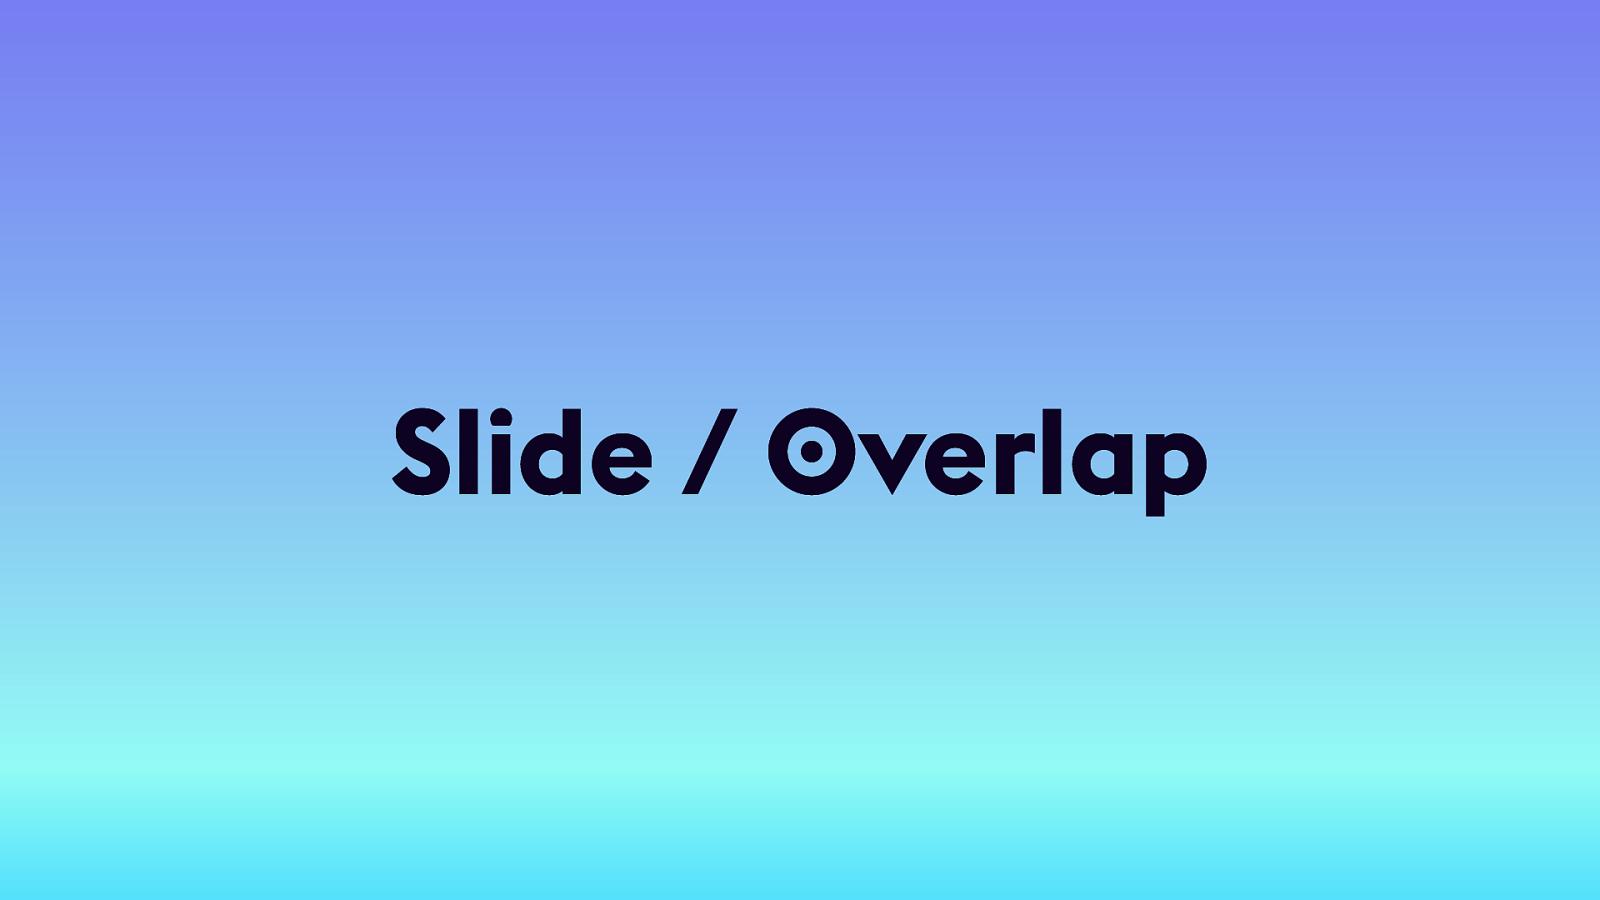 Slide 96